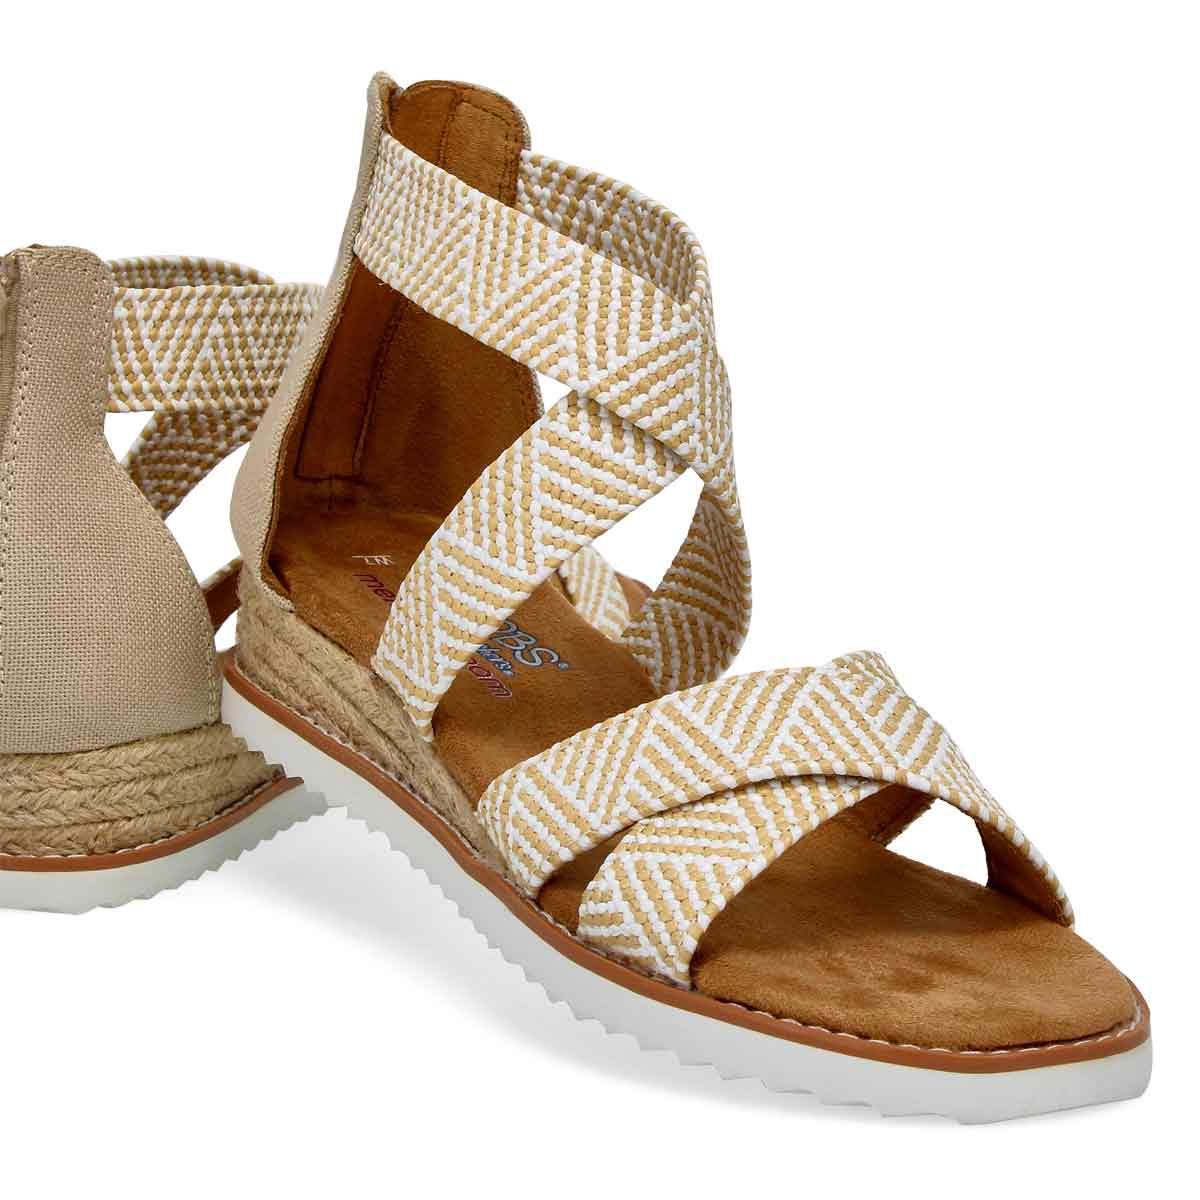 Sandales DESERT KISS SUMMER SUN femmes